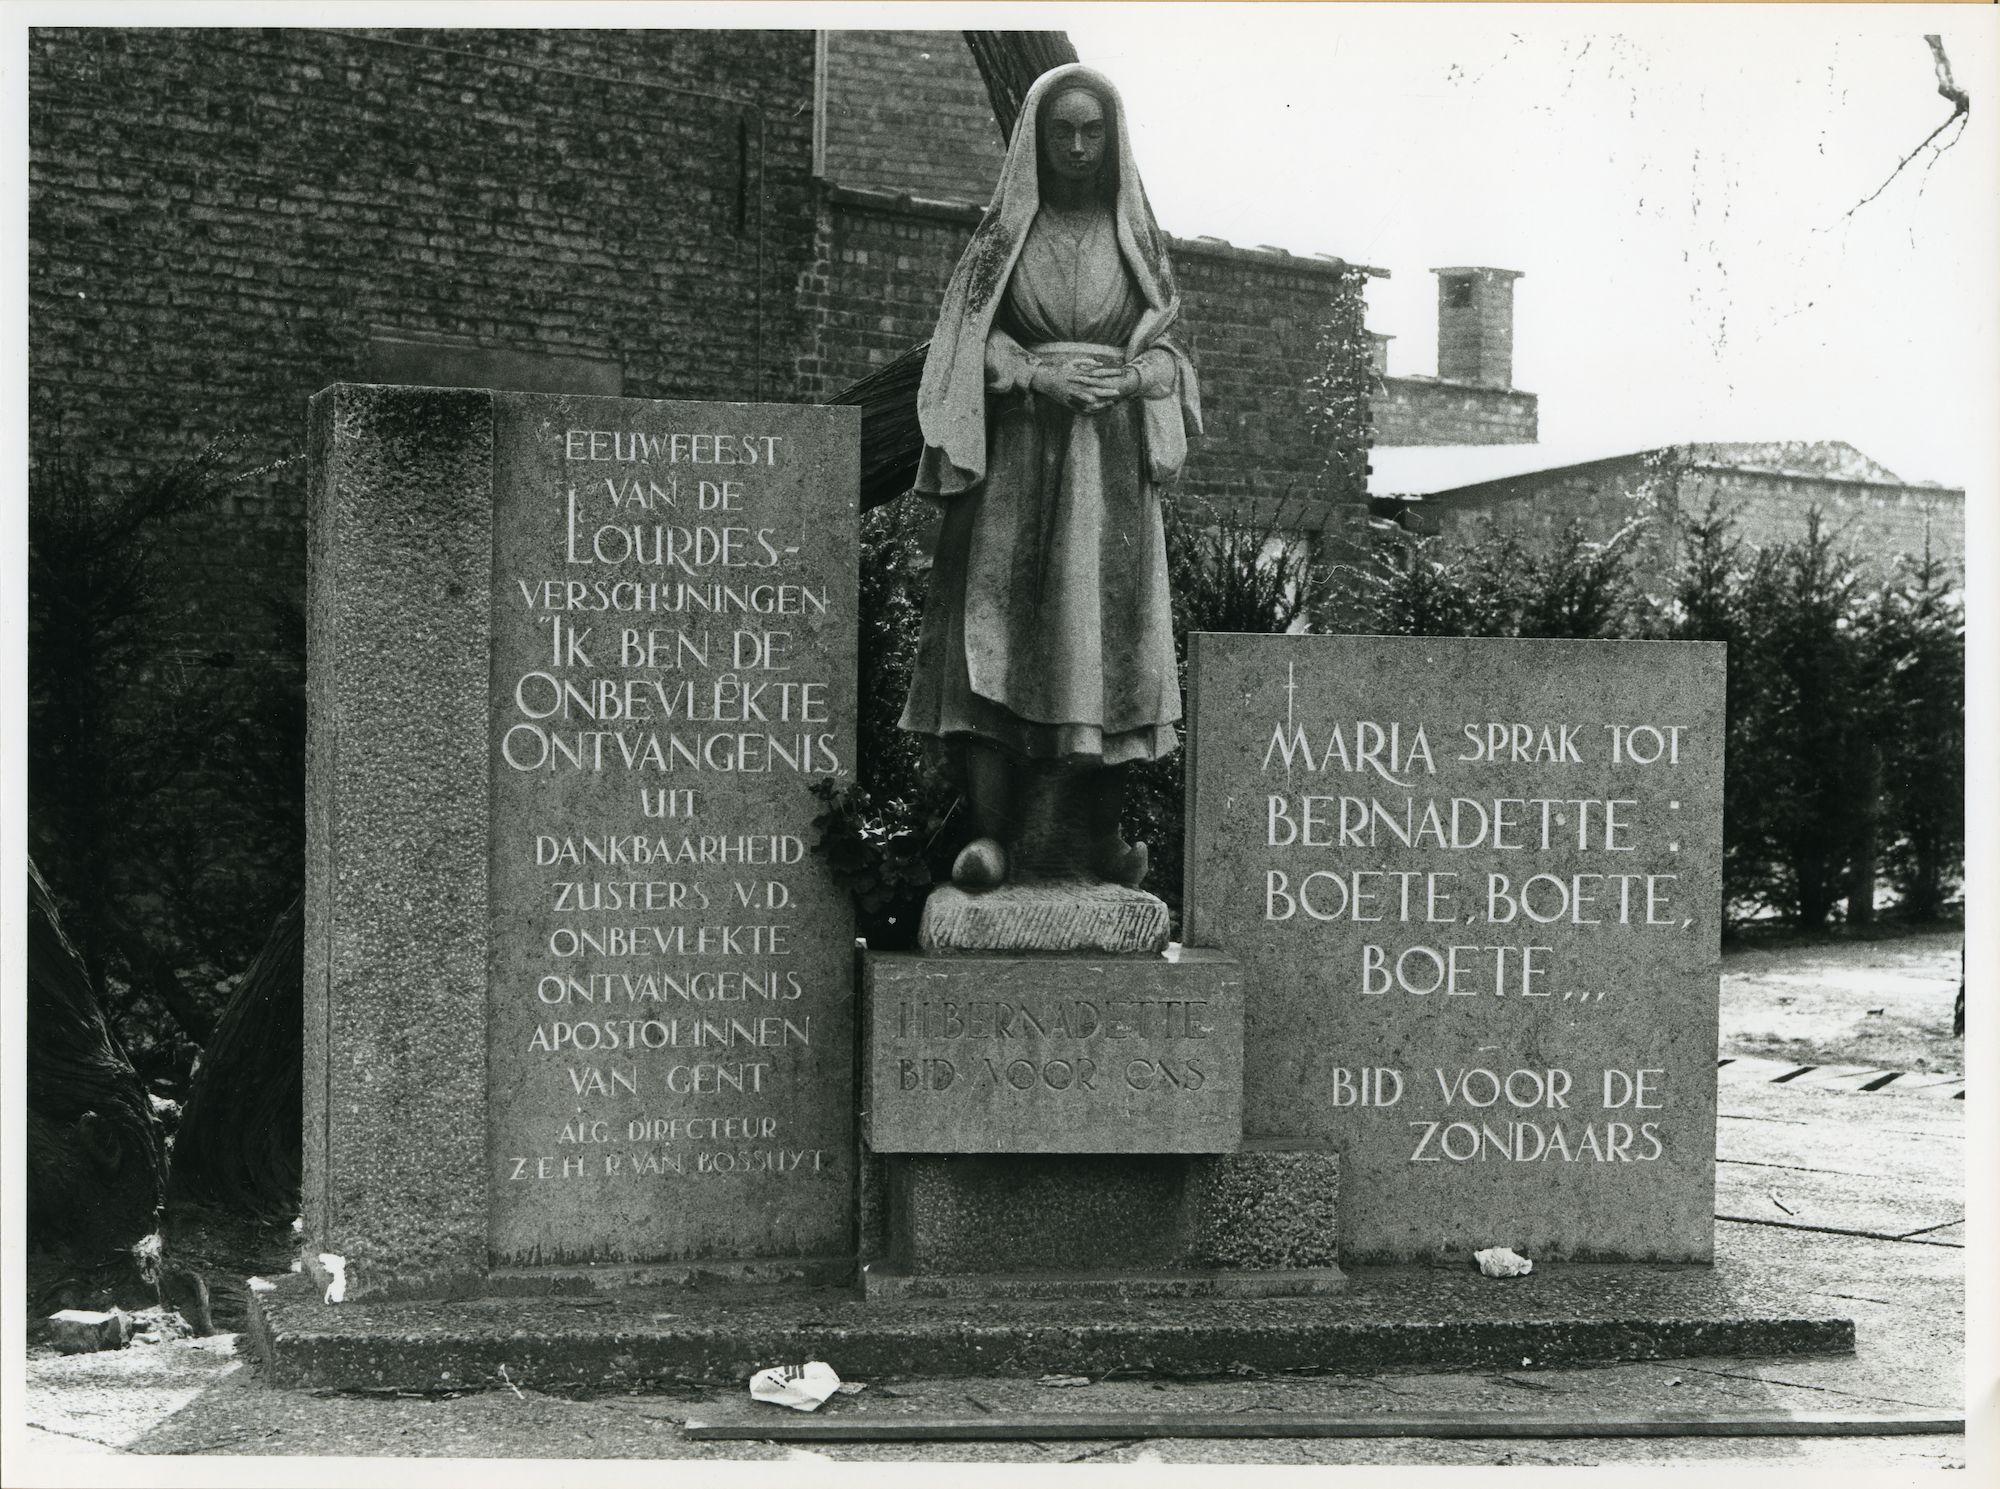 Gent: Sint-Bernadettestraat 247: Standbeeld met herdenkingsteken, 1958